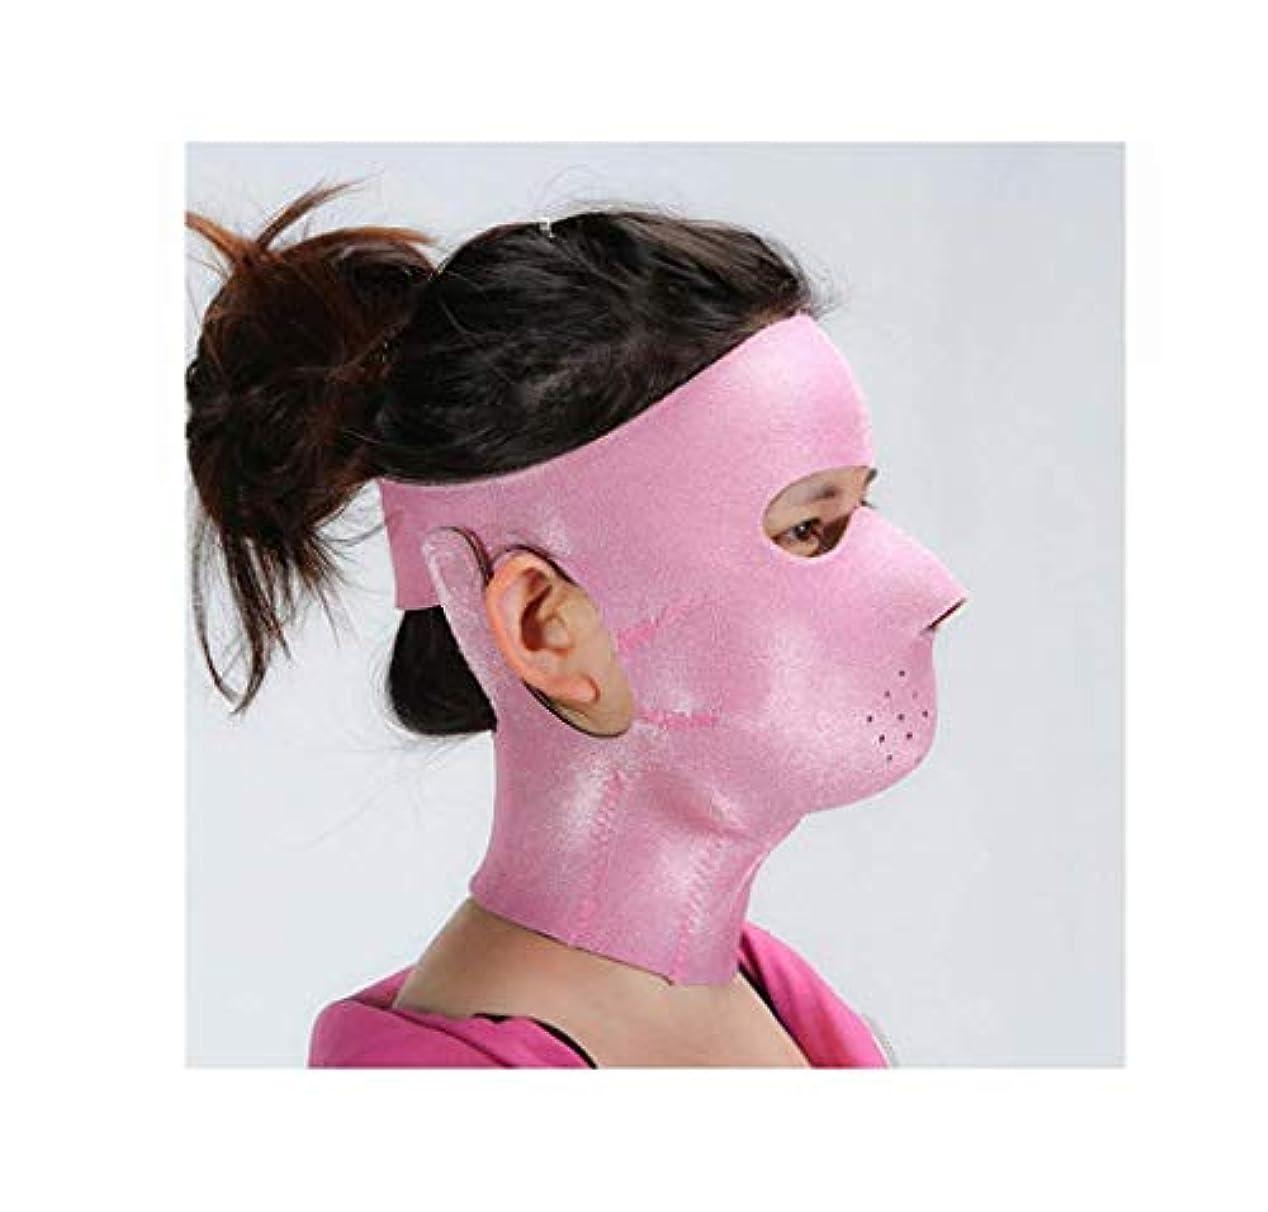 ツイン知覚する分類フェイスリフトマスク、フェイシャルマスクプラス薄いフェイスマスクタイトなたるみの薄いフェイスマスクフェイシャル薄いフェイスマスクアーティファクトビューティーネックストラップ付き